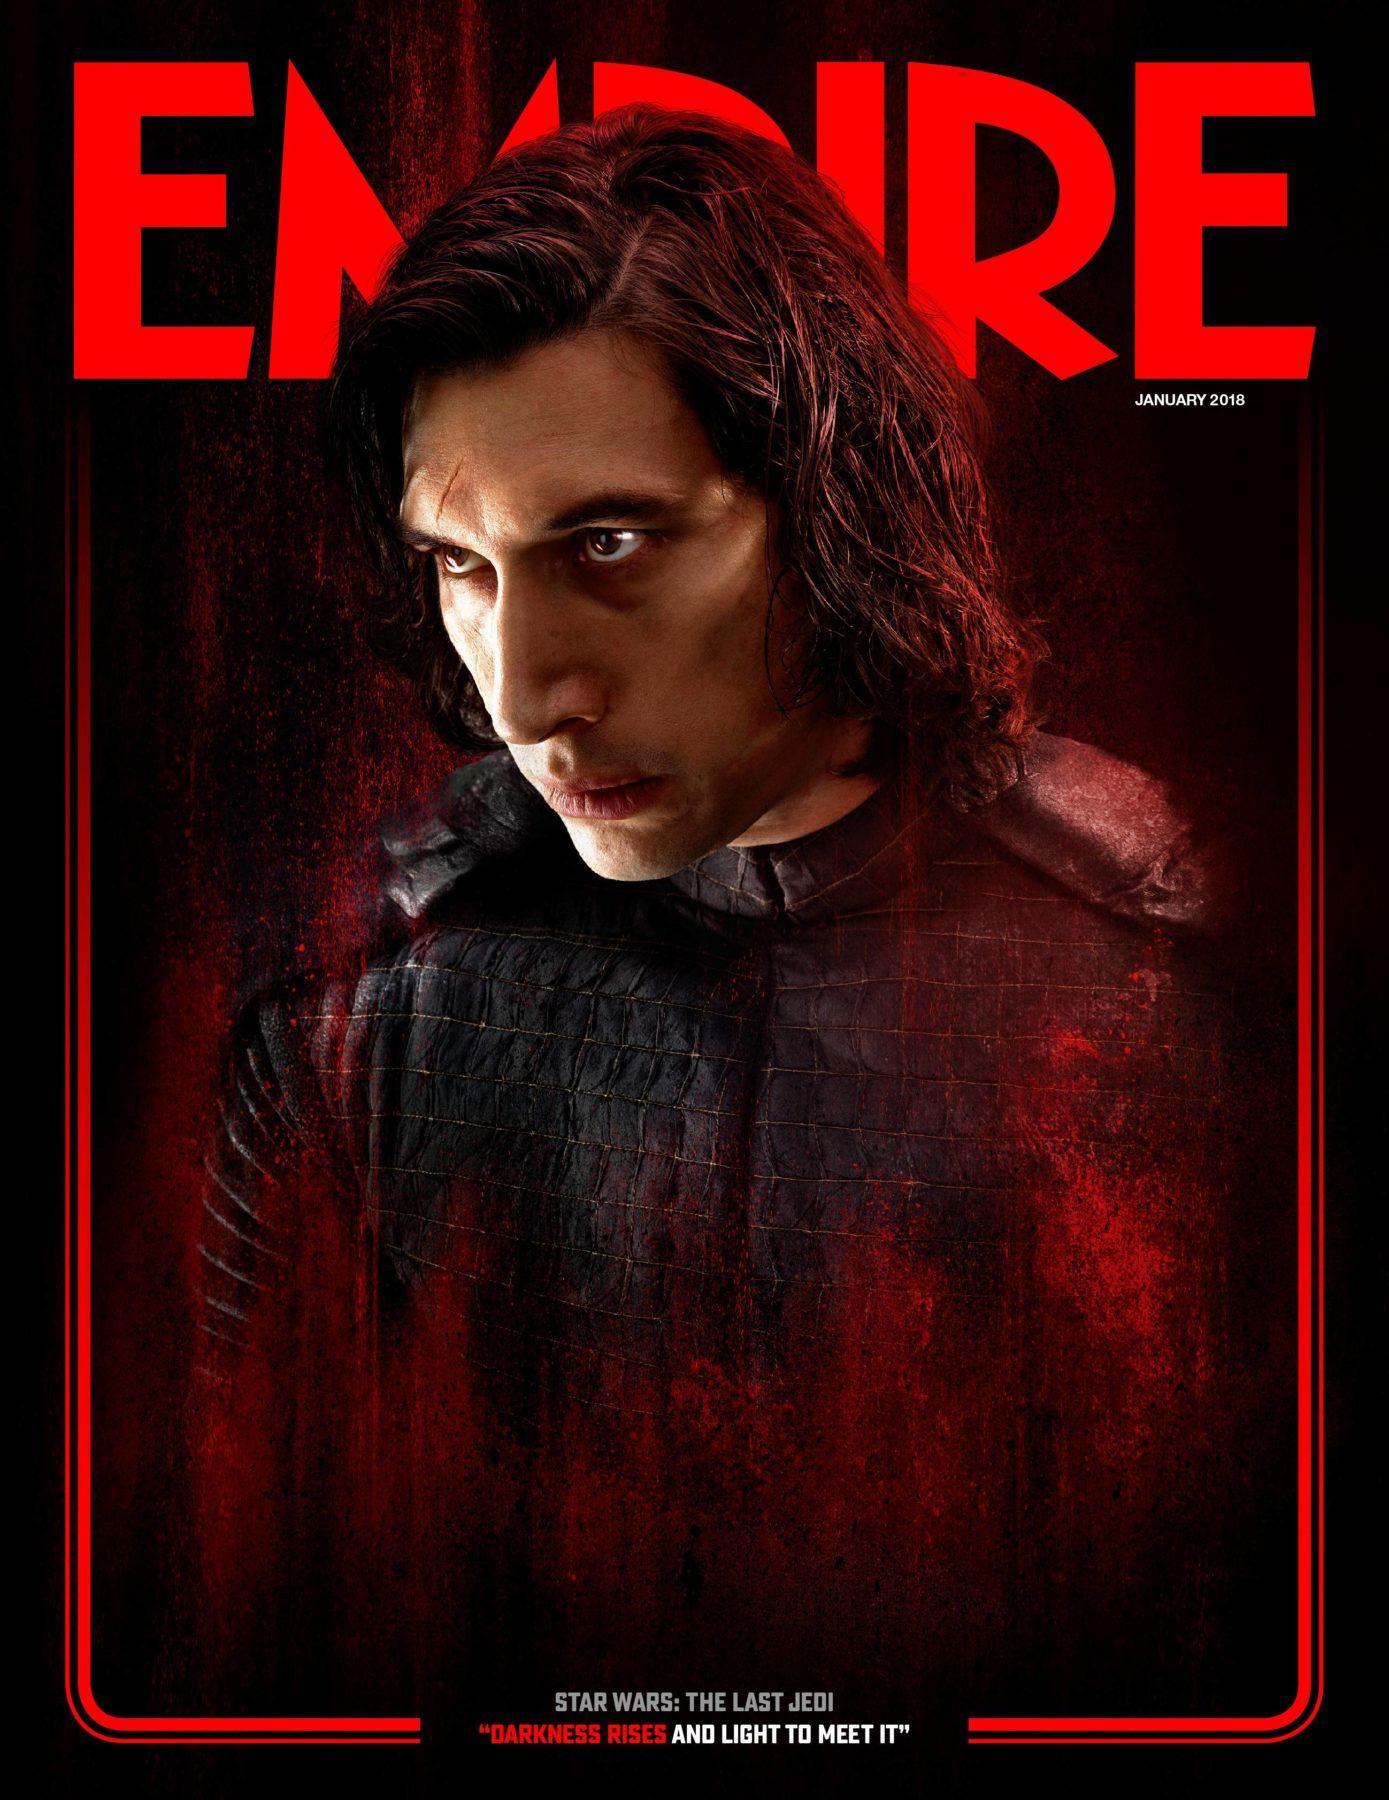 Rey y Kylo Ren aparecen en las portadas de Star Wars: The Last Jedi Empire